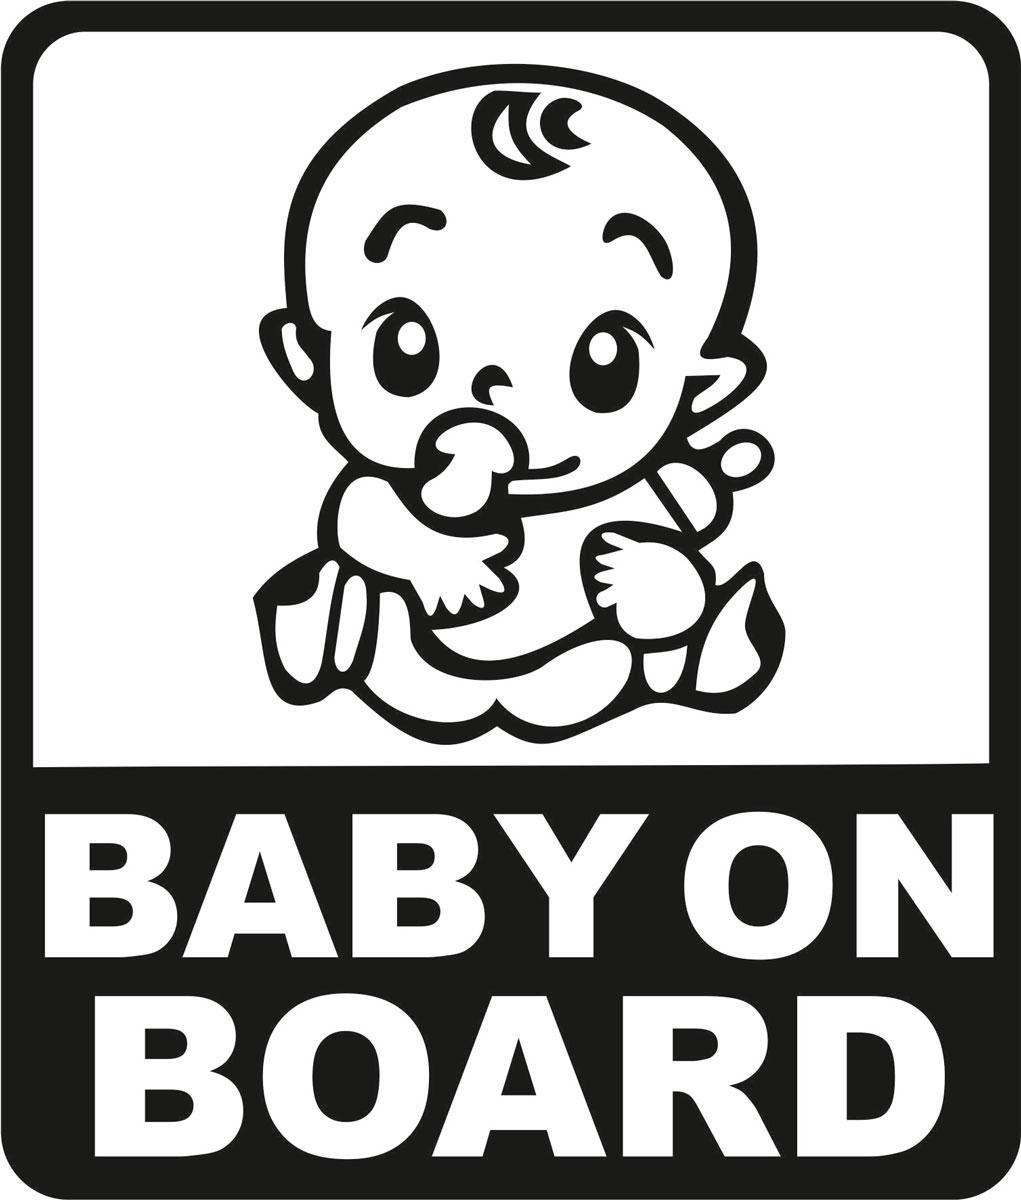 Купить Наклейка автомобильная Оранжевый слоник Baby on Board. Квадрат 2 , виниловая, цвет: черный, Оранжевый Слоник